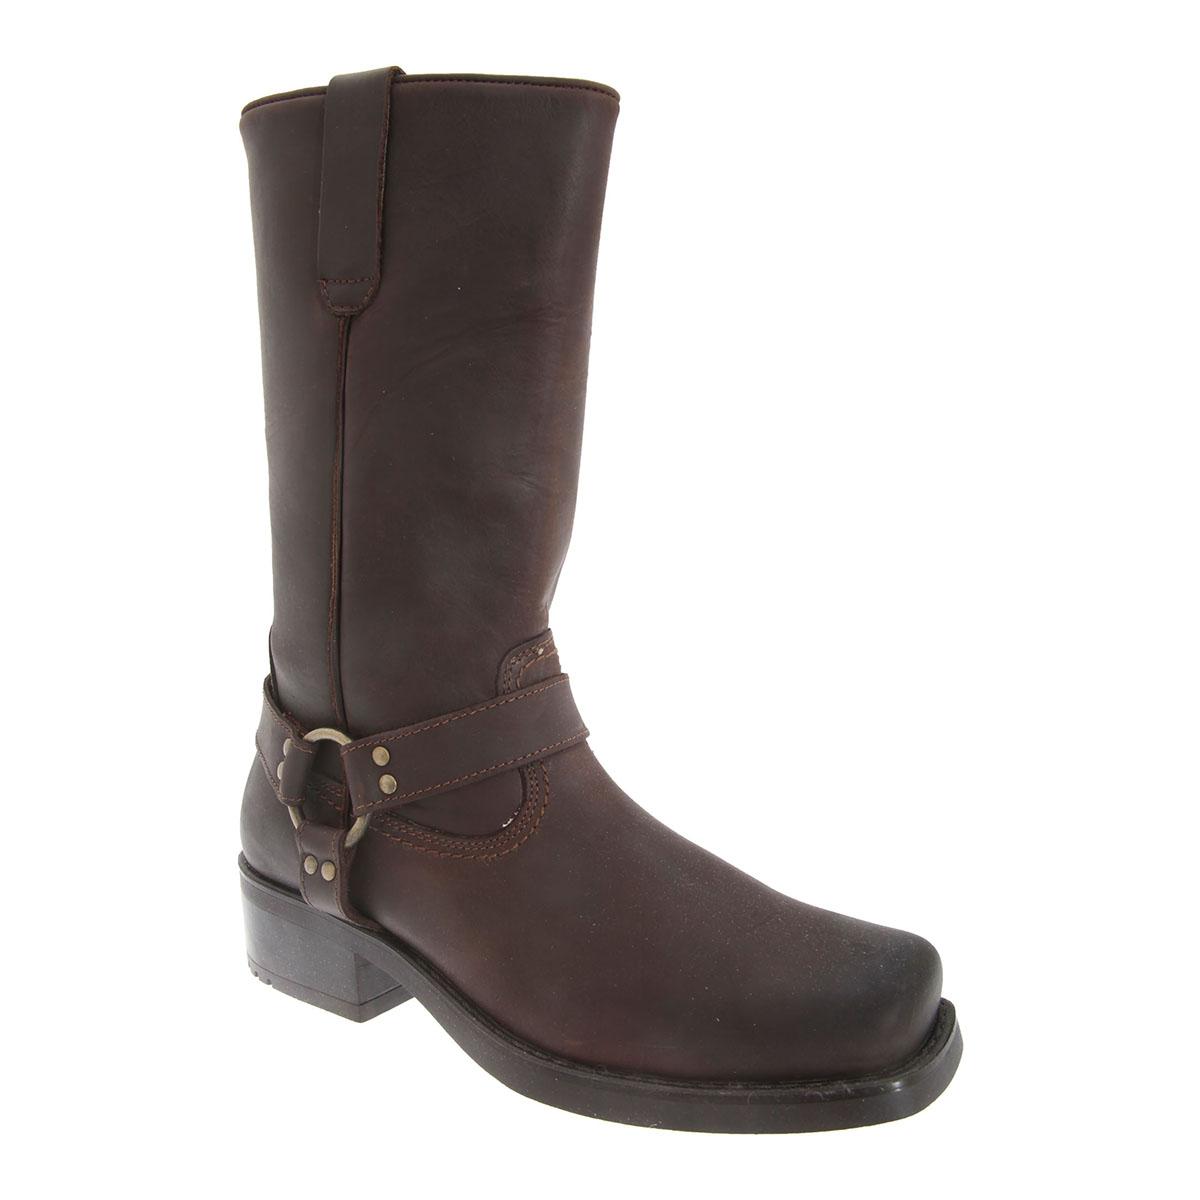 (ウッドランド) Woodland メンズ ハイカット ハーレー ウェスタン レザー ハーネスブーツ 紳士靴 カジュアルブーツ 男性用 【海外直送】